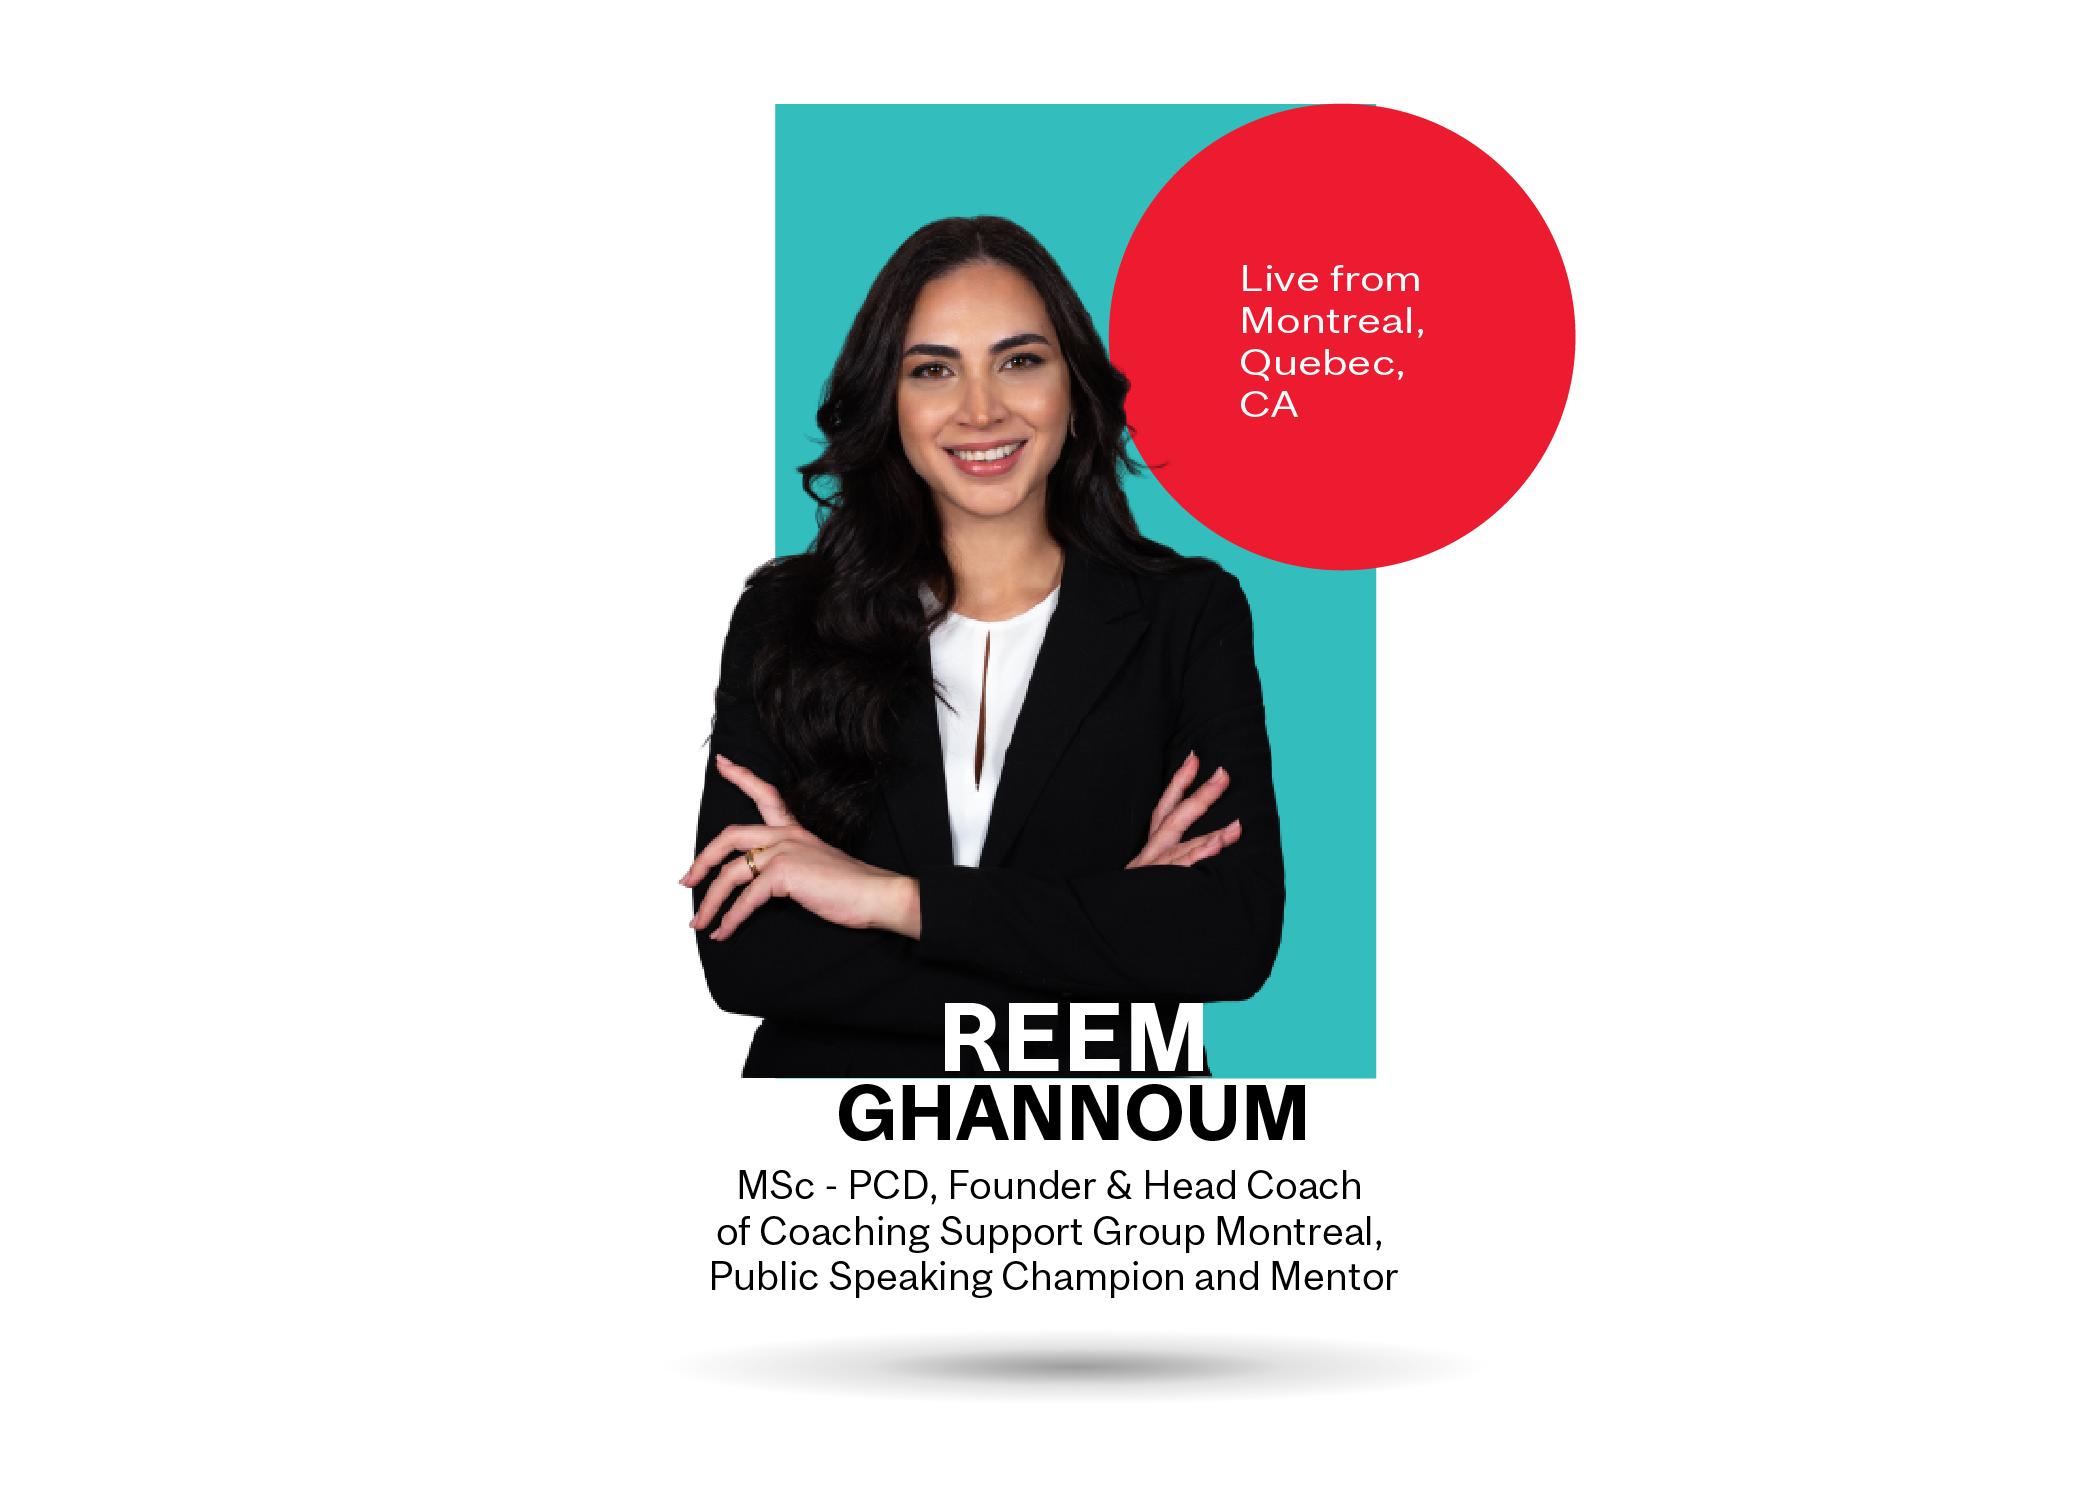 Reem Ghannoum